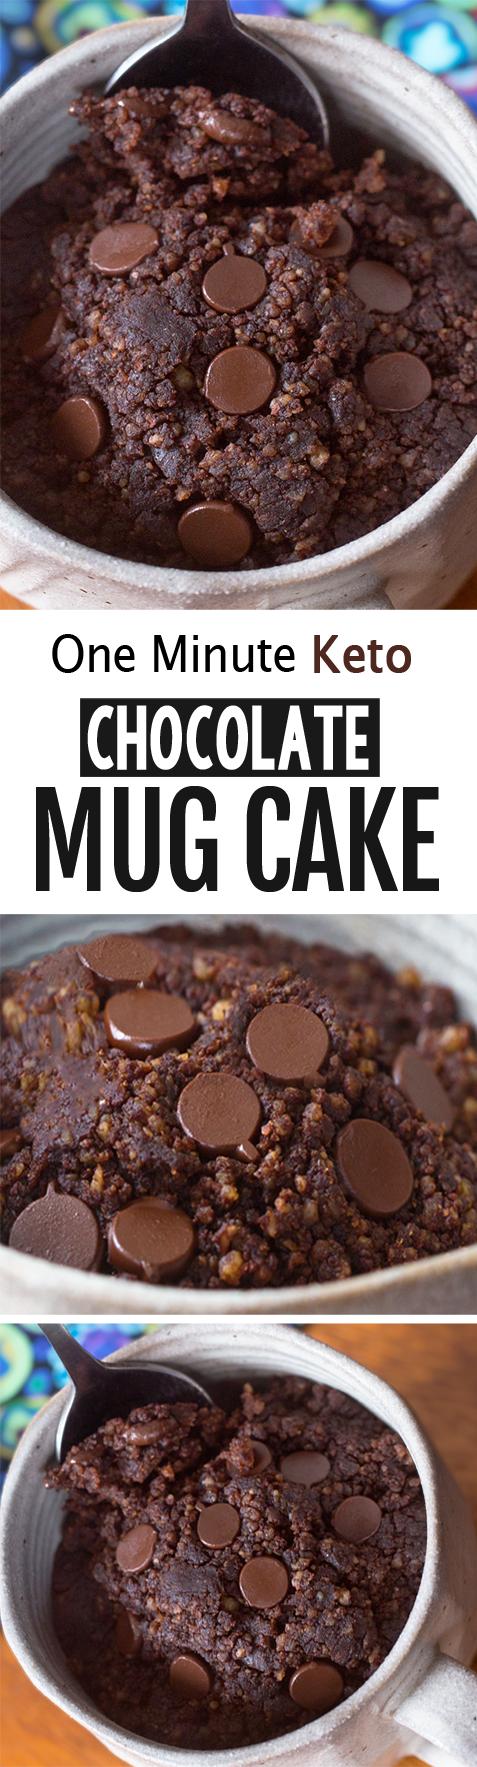 Keto Mug Cake - The BEST Low Carb Recipe!